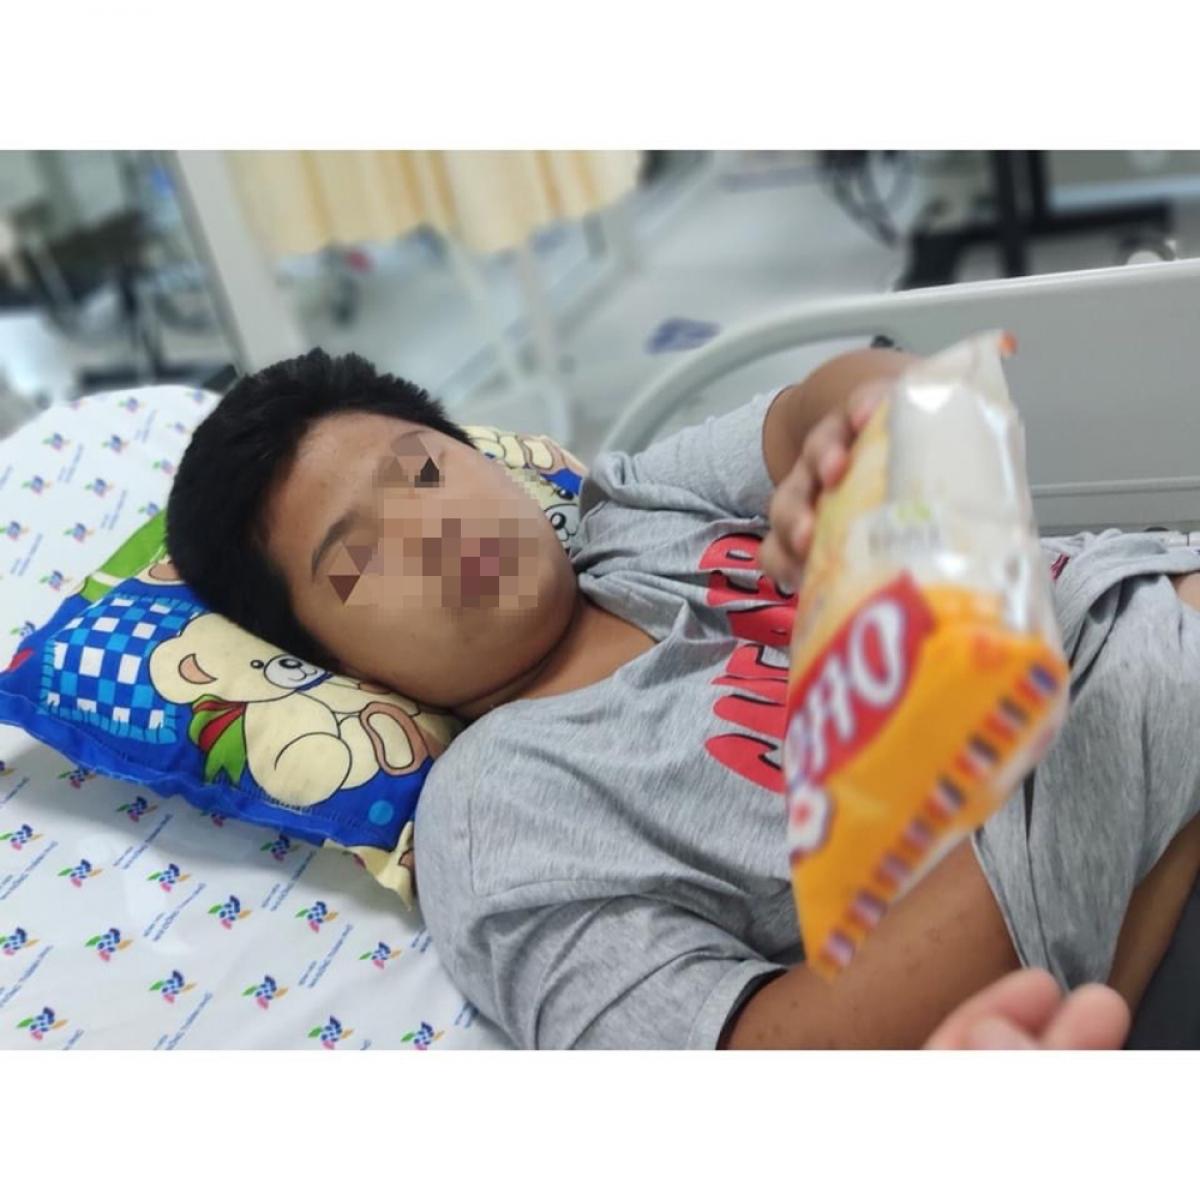 Sau khi qua nguy kịch, bé hồi tỉnh và thèm ăn (Ảnh BVCC)